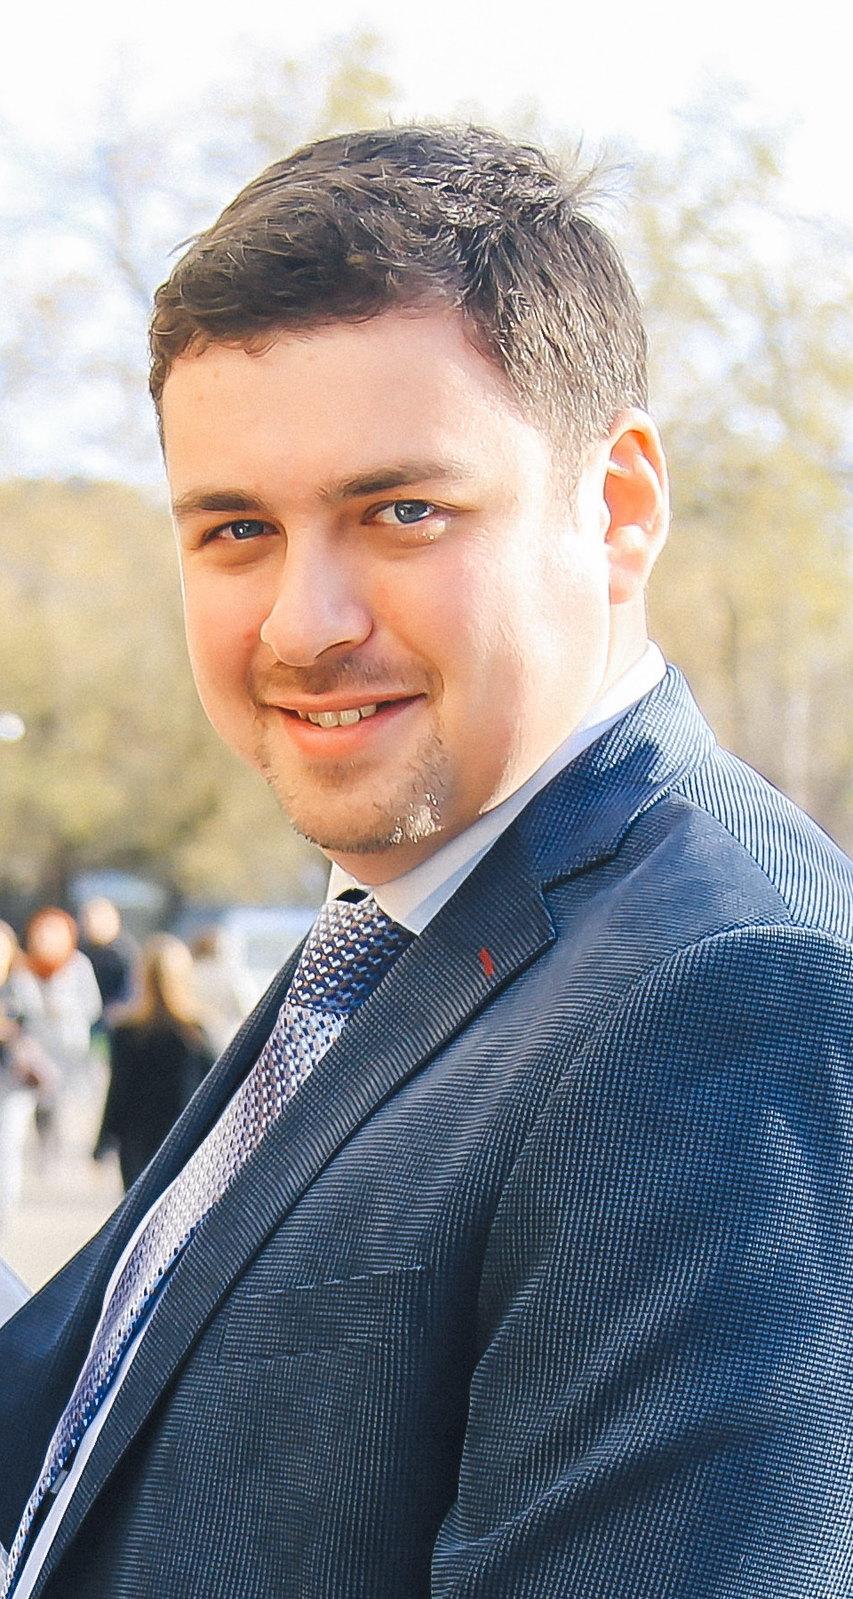 Эдуард Миронов, директор по закупкам транспортных услуг ГК FM Logistic